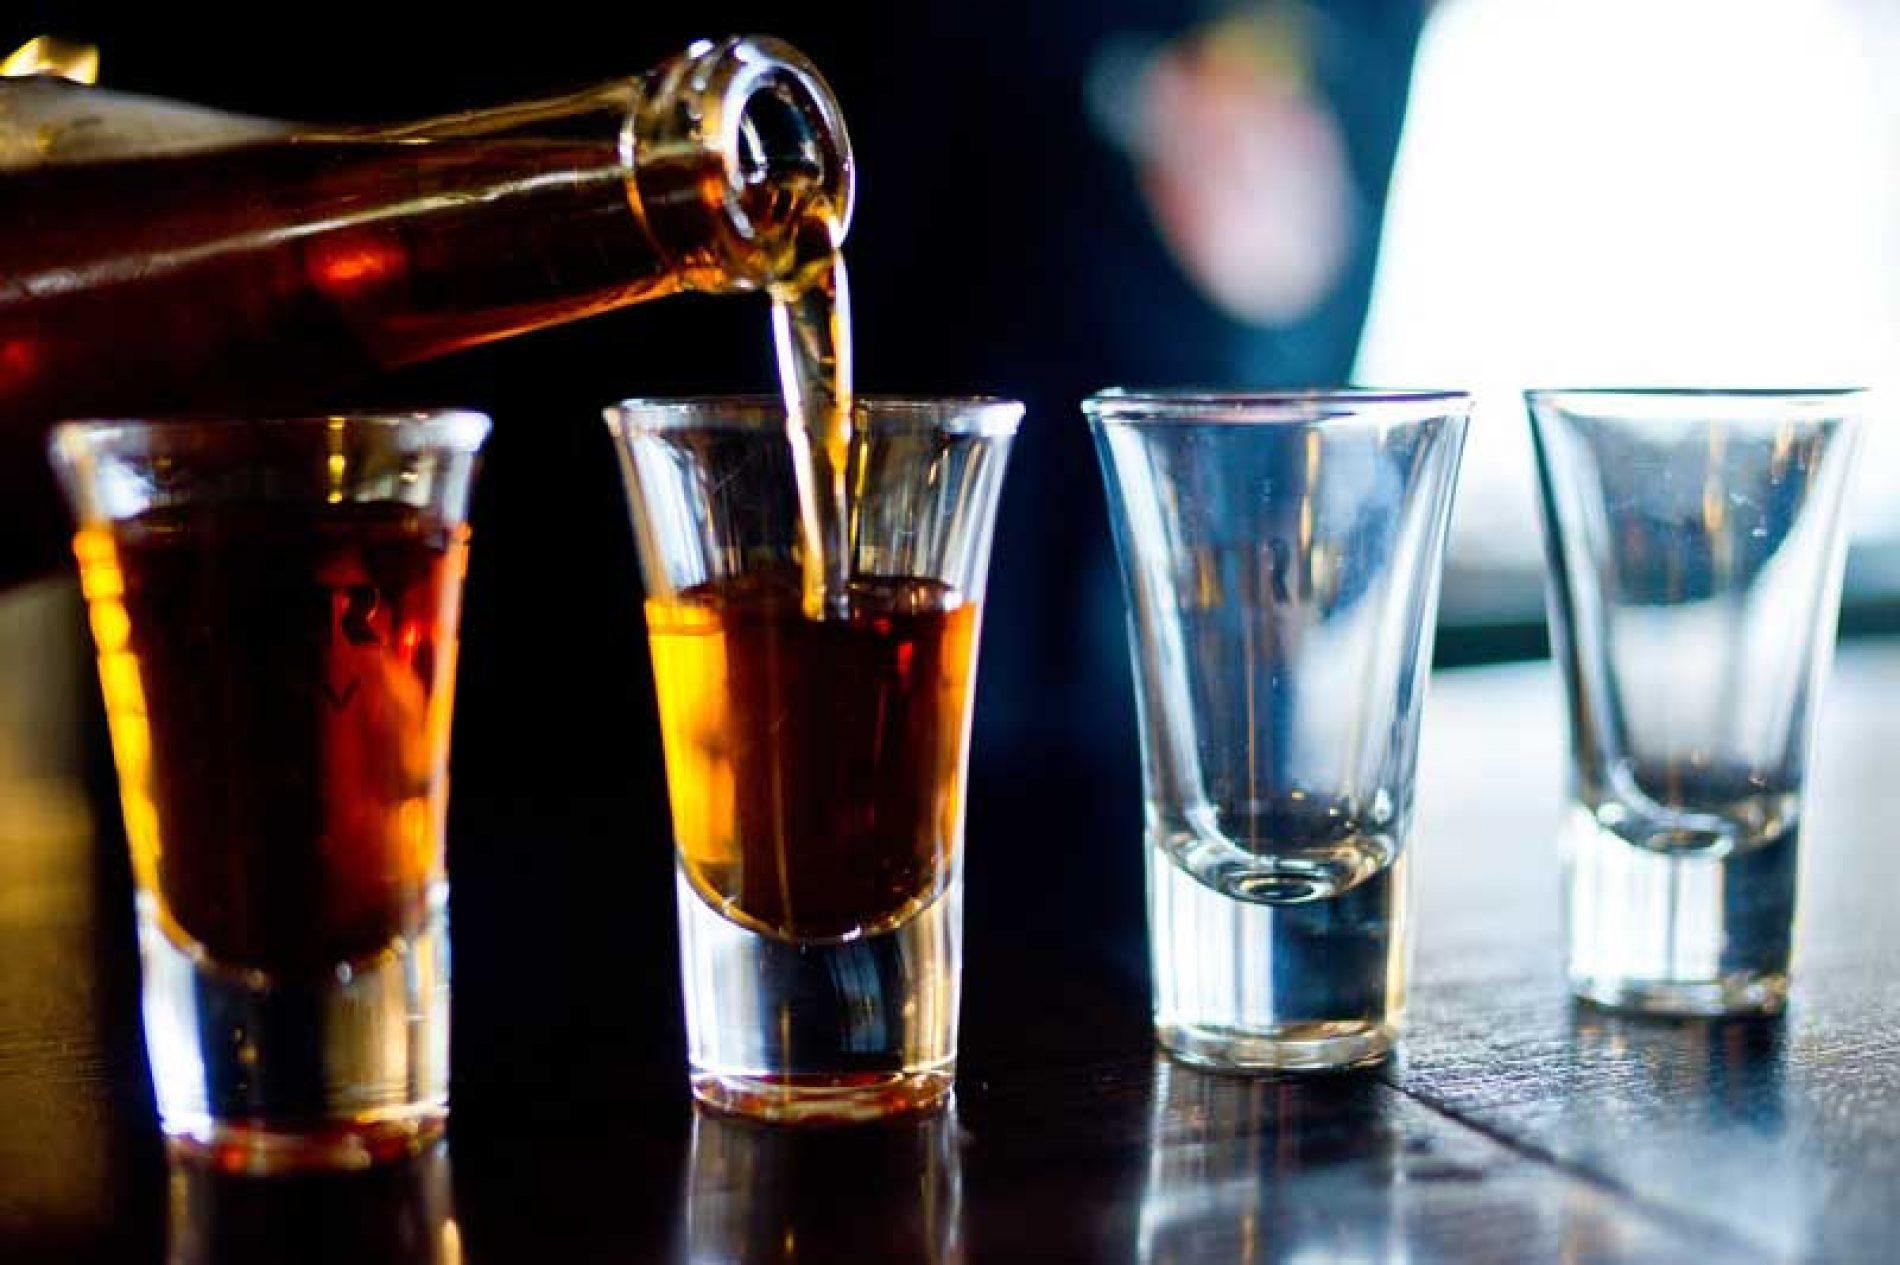 El alcohol y la caza no son buenos compañeros